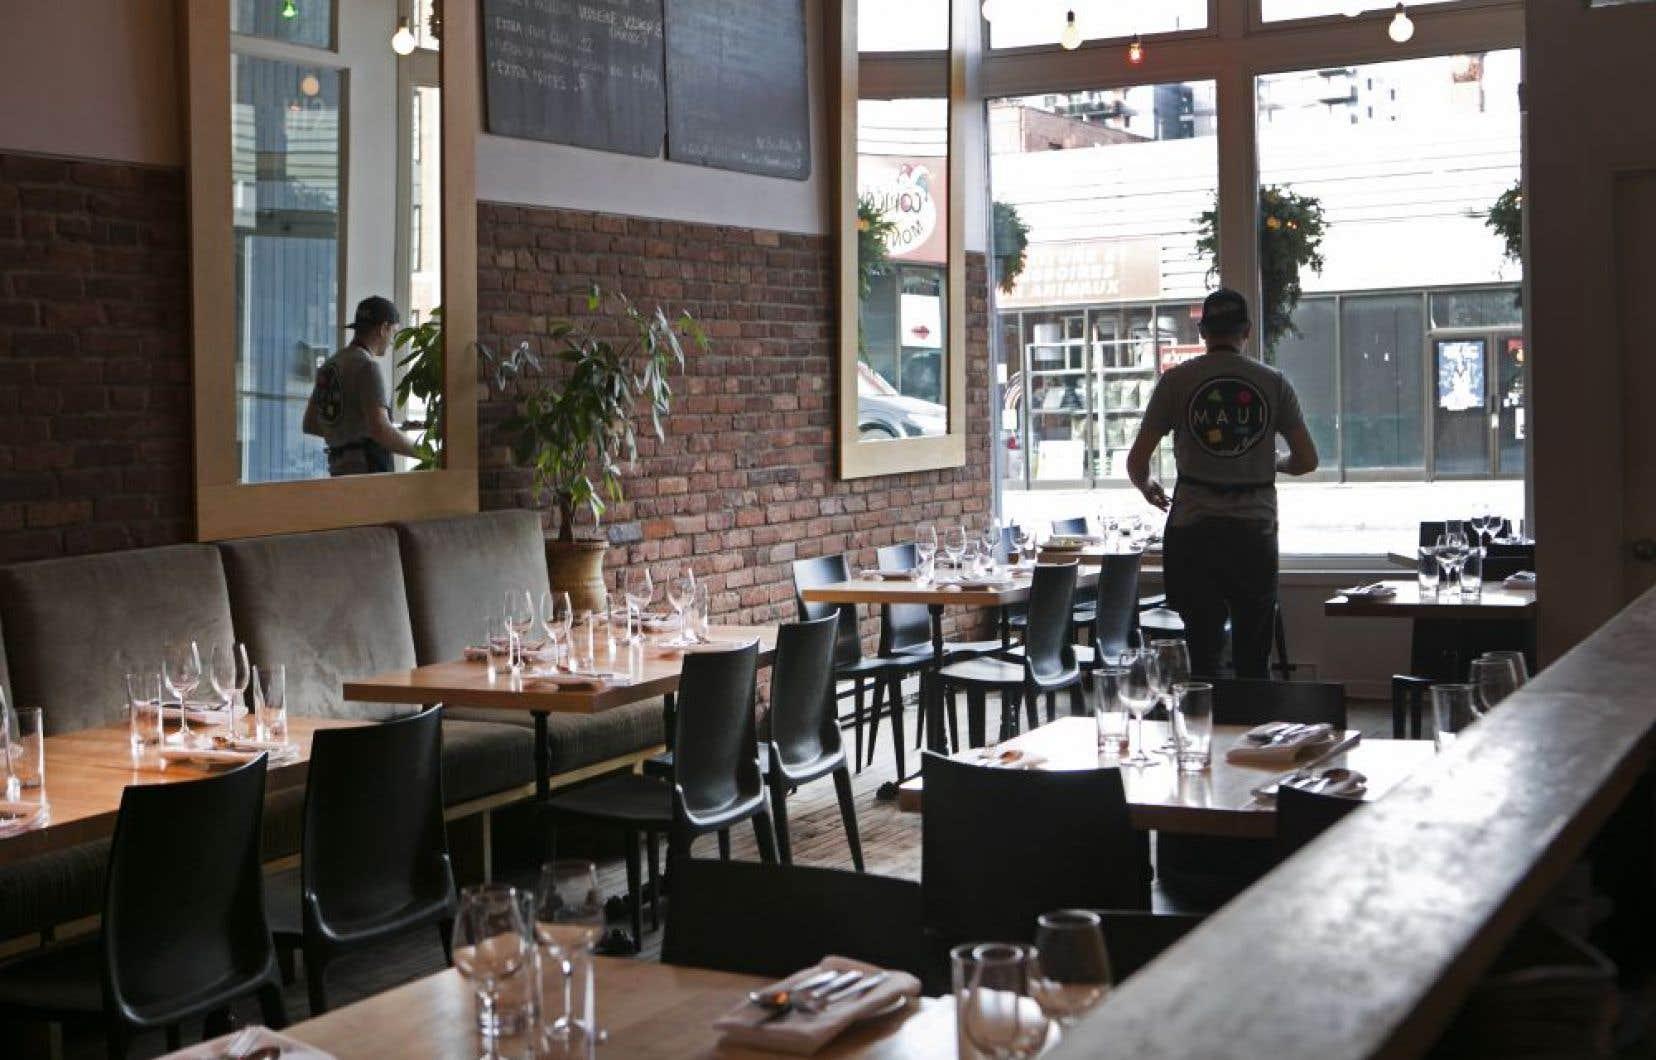 La petite salle agréable, le décor chaleureux et le service à l'avenant du restaurant «apportez votre vin» O'Thym concourent à rendre la soirée plaisante.